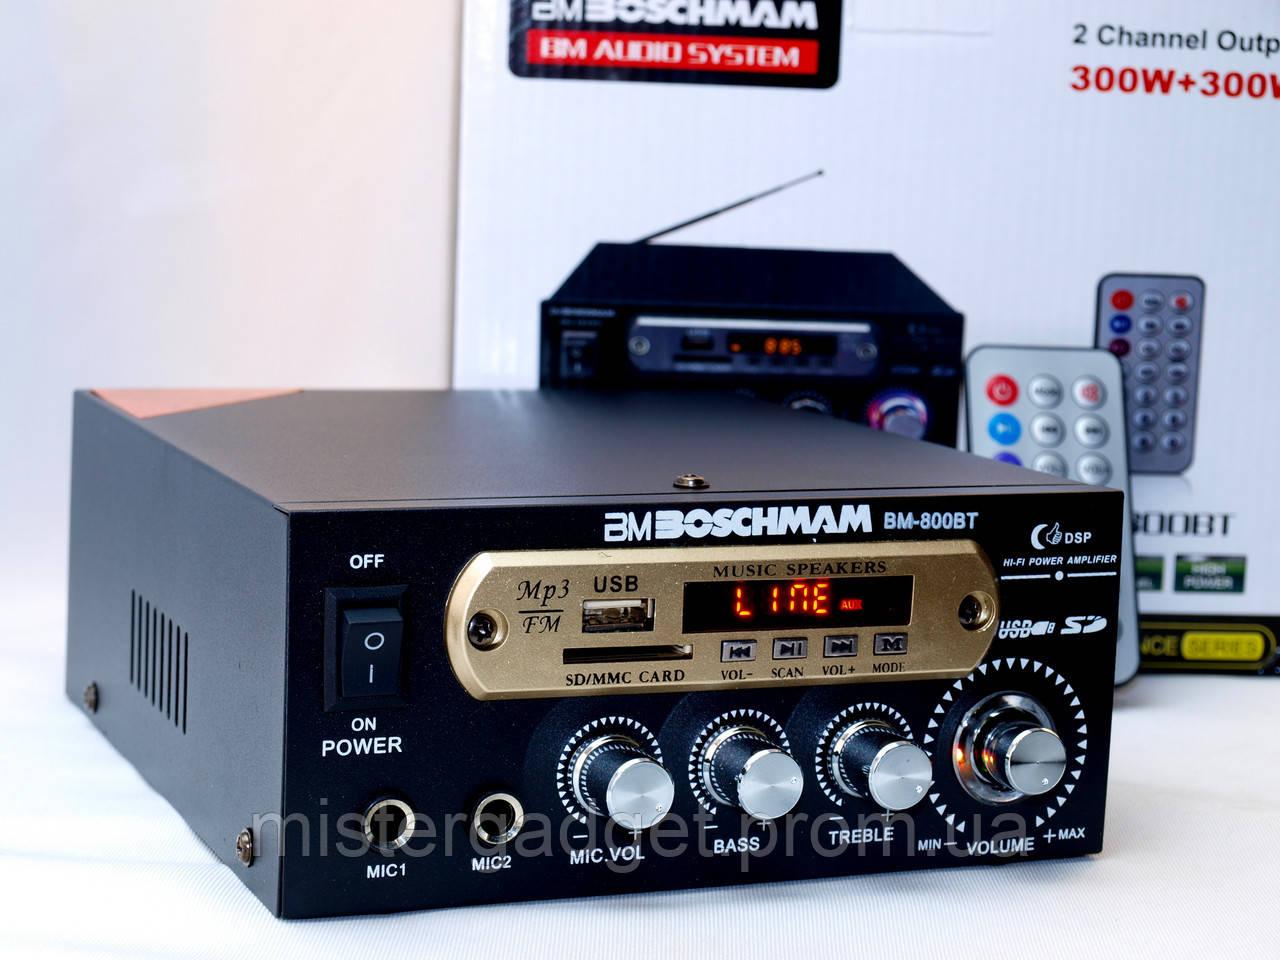 Усилитель низкой частоты BM-800BT BLUETOOTH